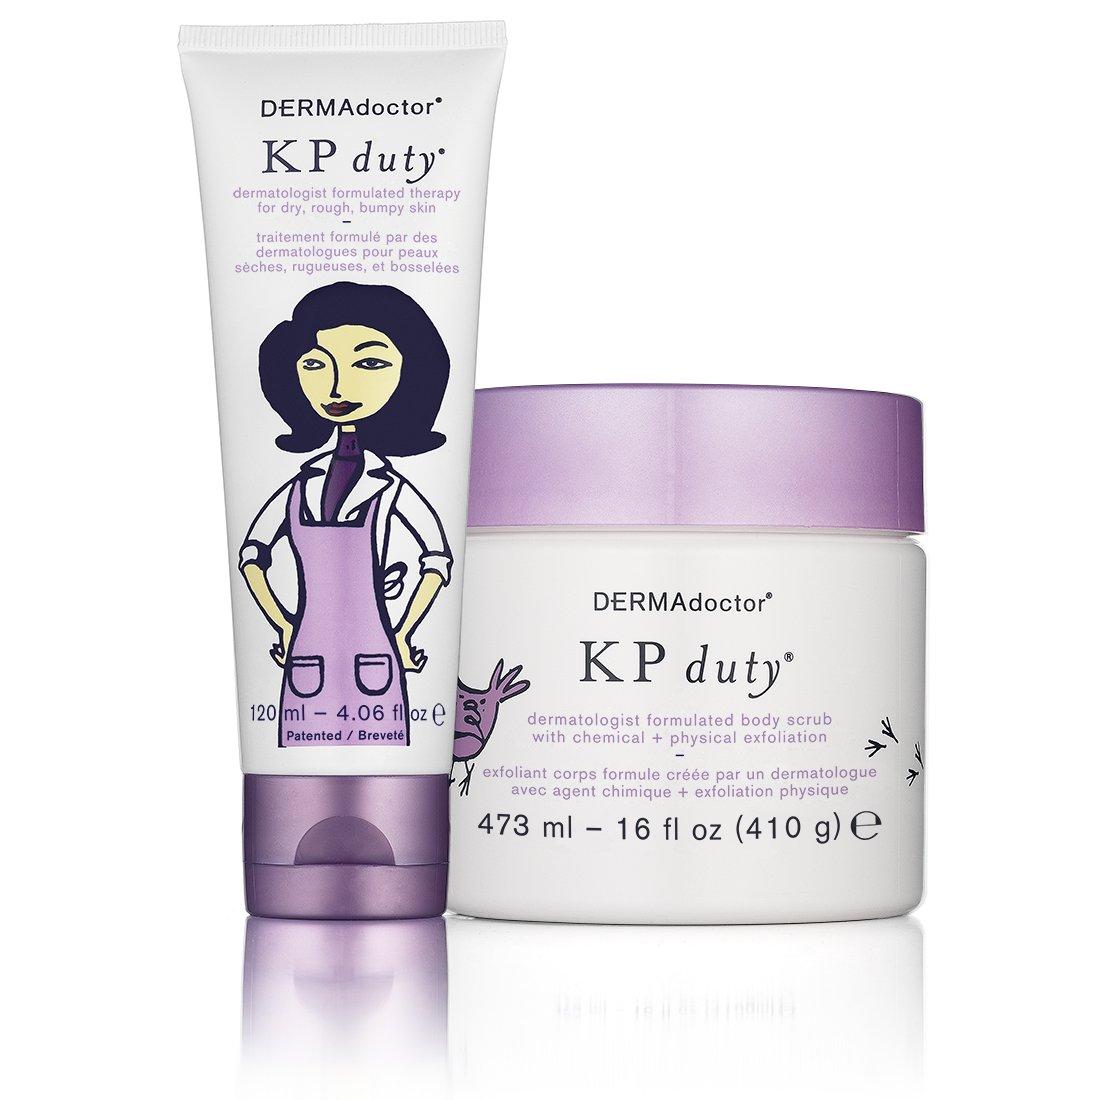 DERMAdoctor KP Duty Dry Skin Duo by DERMADoctor (Image #1)